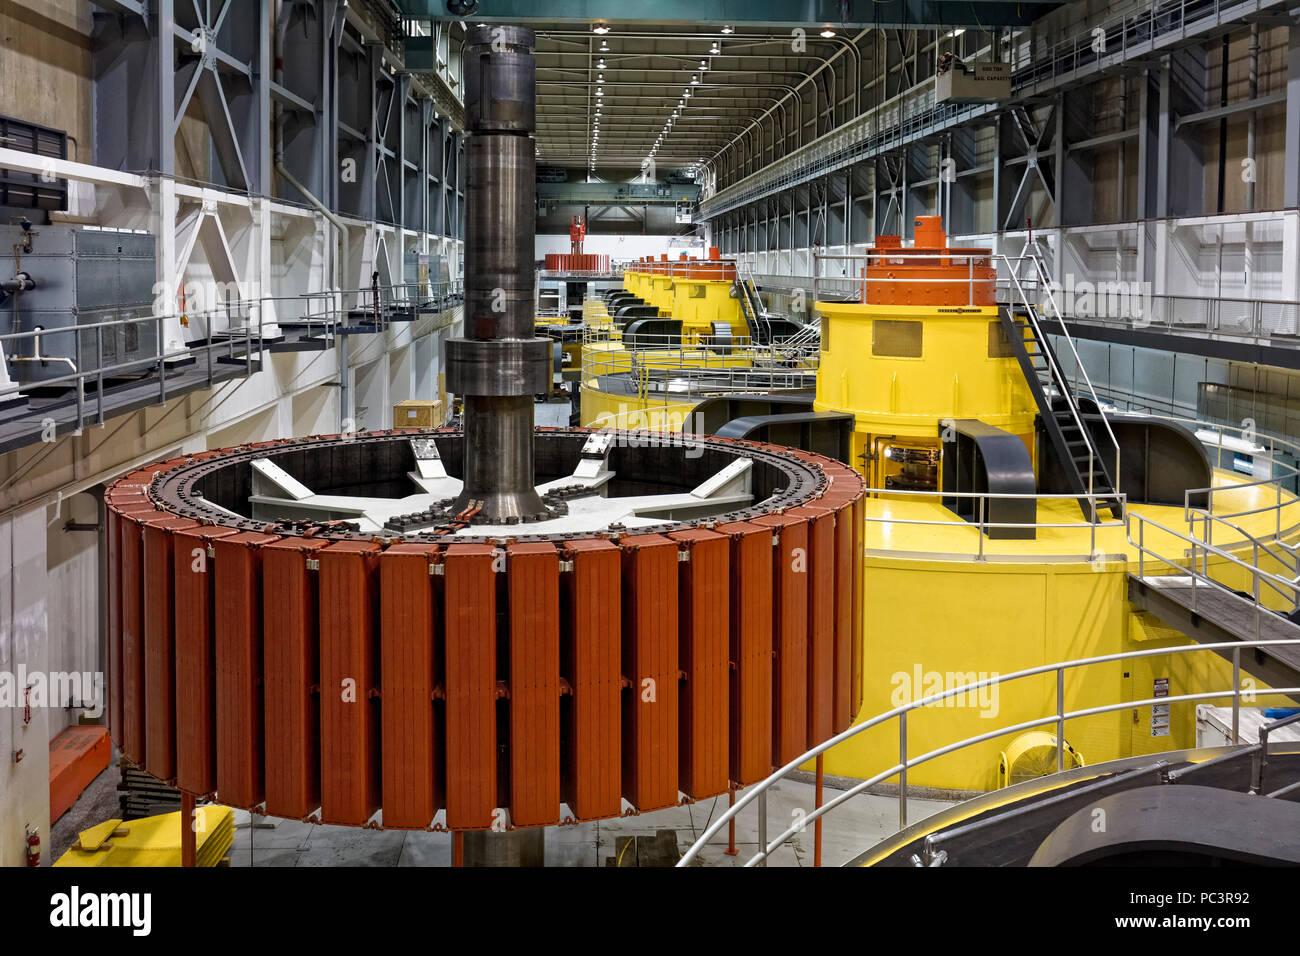 Freiliegende hydroelektrischen Generator Rotor - Glen Canyon Dam, Page, Arizona Stockbild